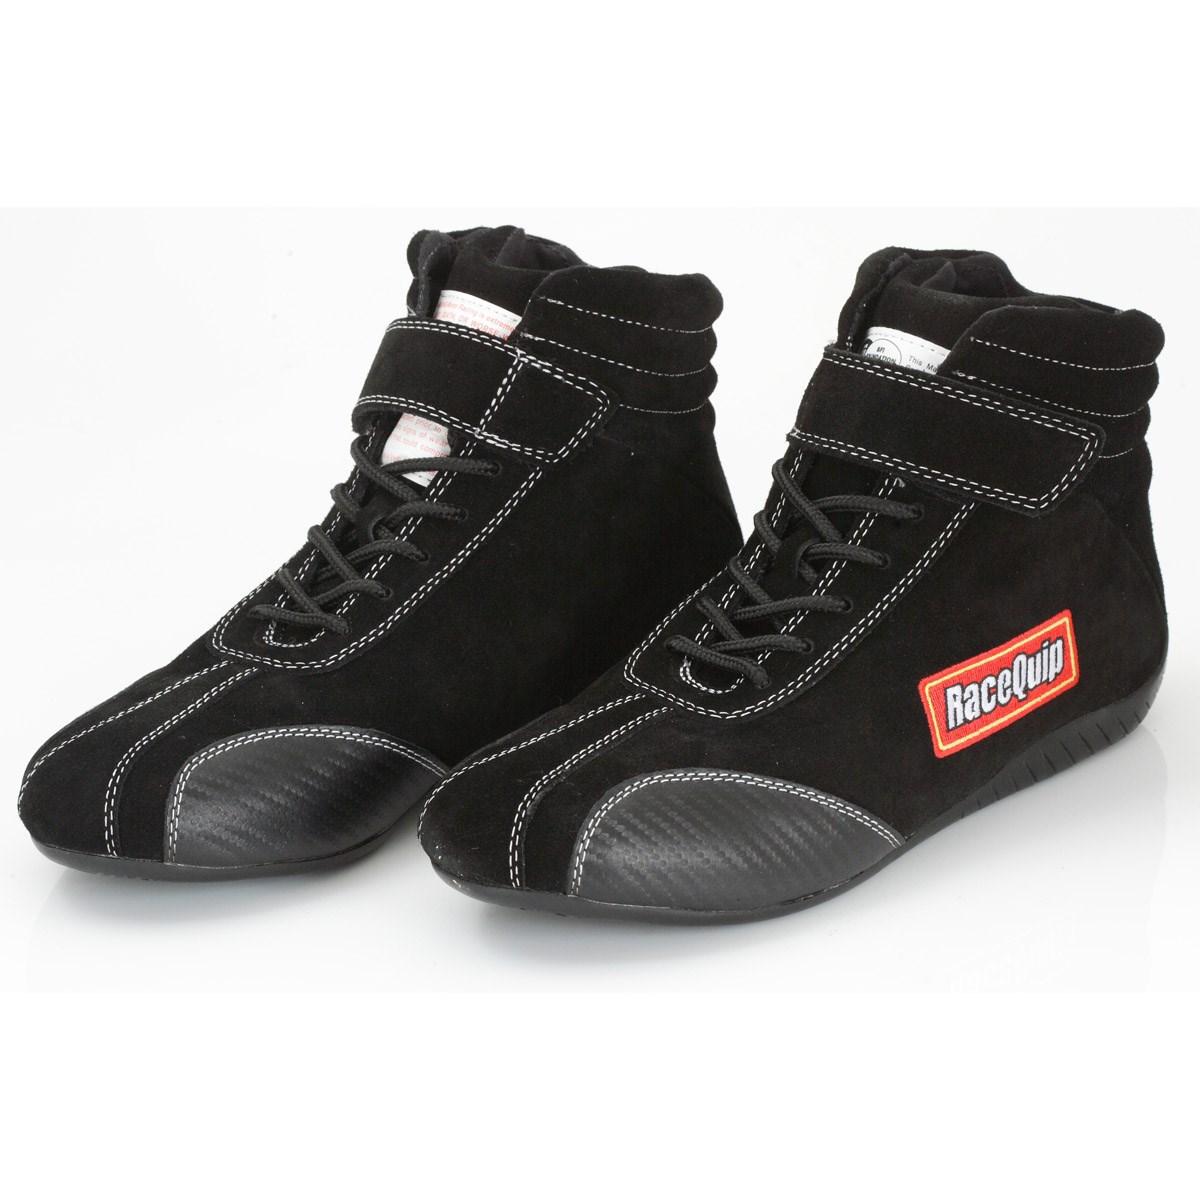 RaceQuip Race Shoes Euro Carbon-L Series SFI 3.3//5 Certified Black Size 9.5 30500095